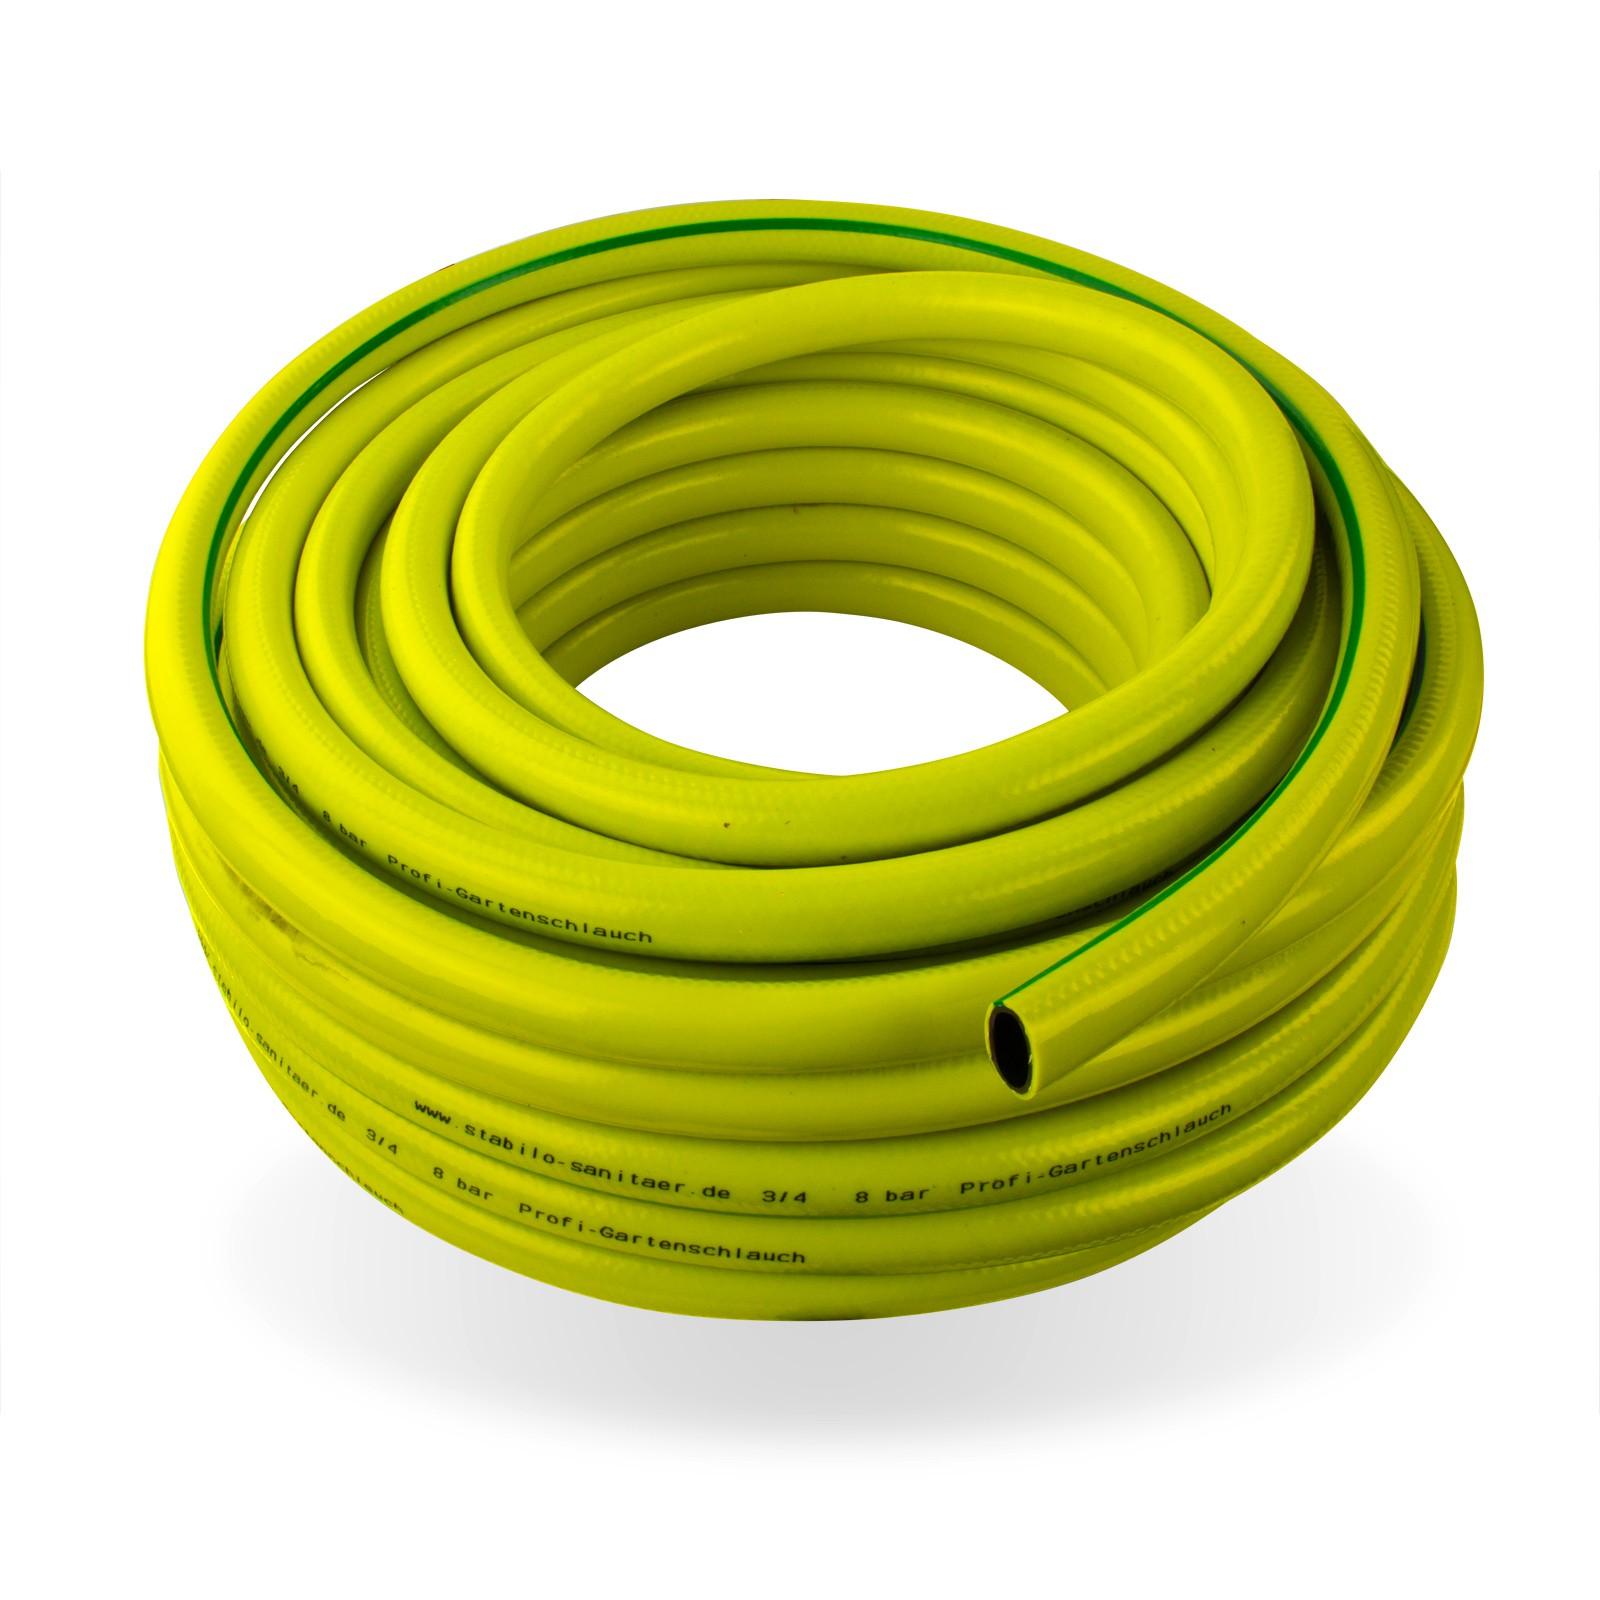 Stabilo-Sanitaer Profi Gartenschlauch / Wasserschlauch 1/2 Zoll 25 m gelb